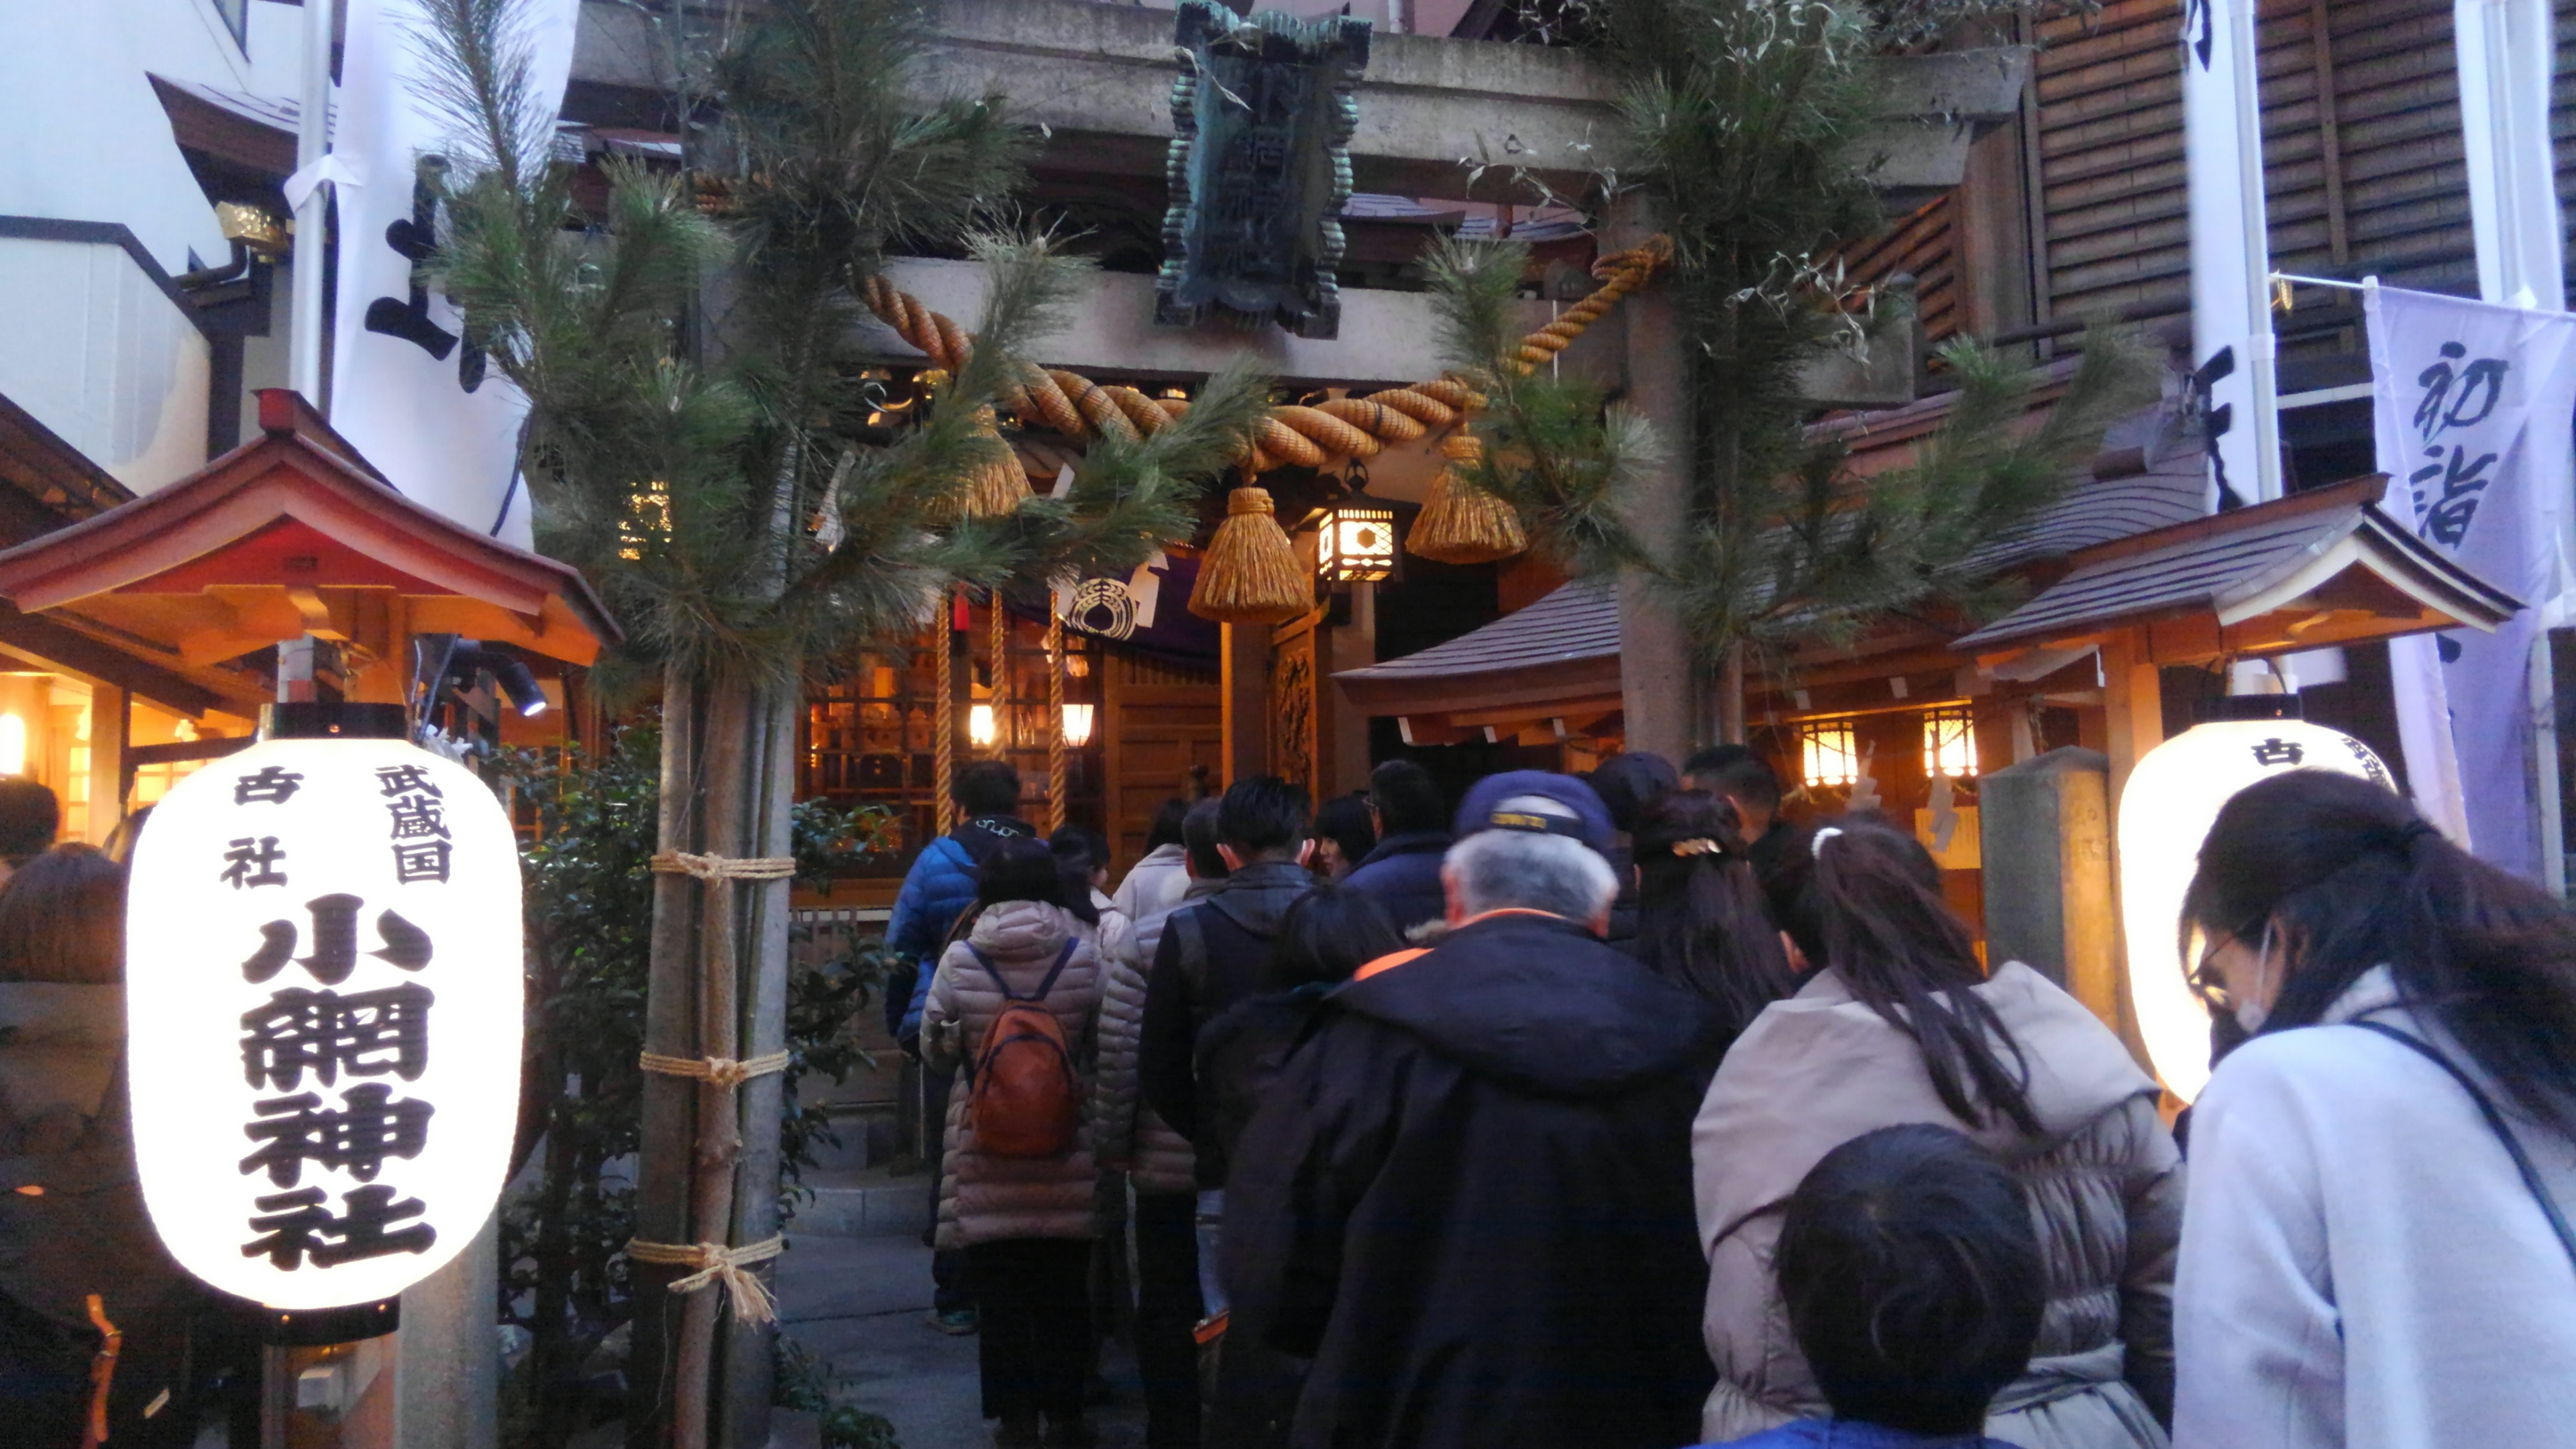 東京屈指の金運スポット「小網神社」(東京都 日本橋)